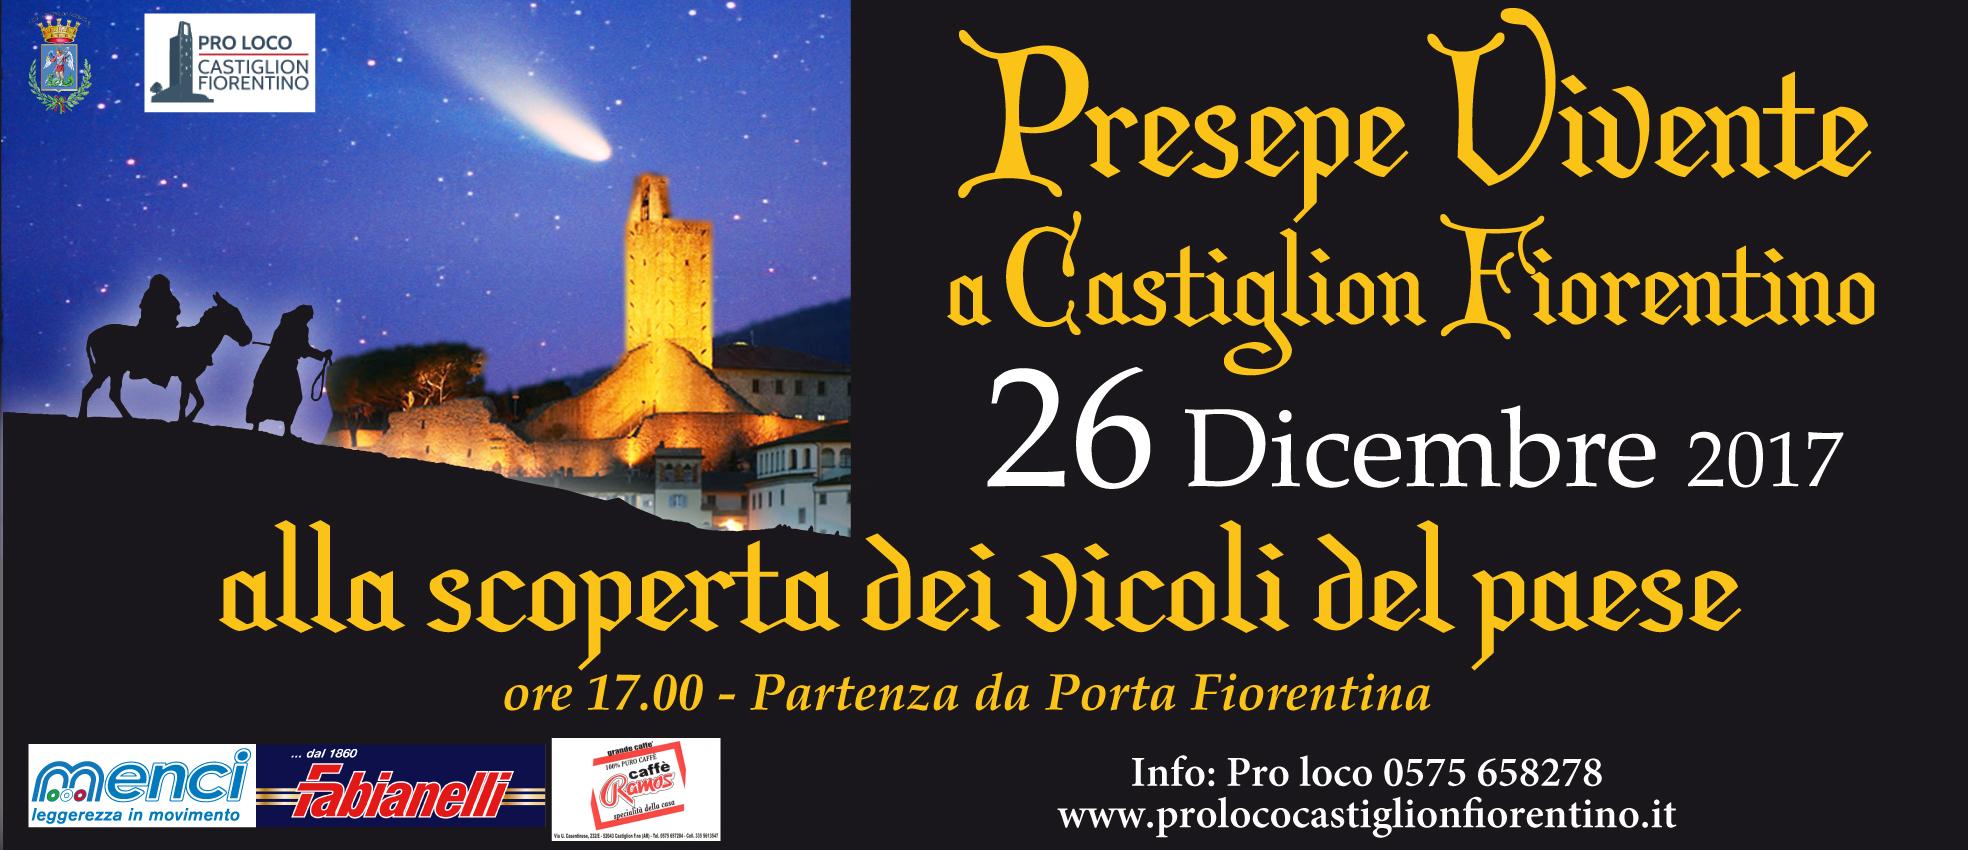 Torna a Castiglion Fiorentino il Presepe Vivente